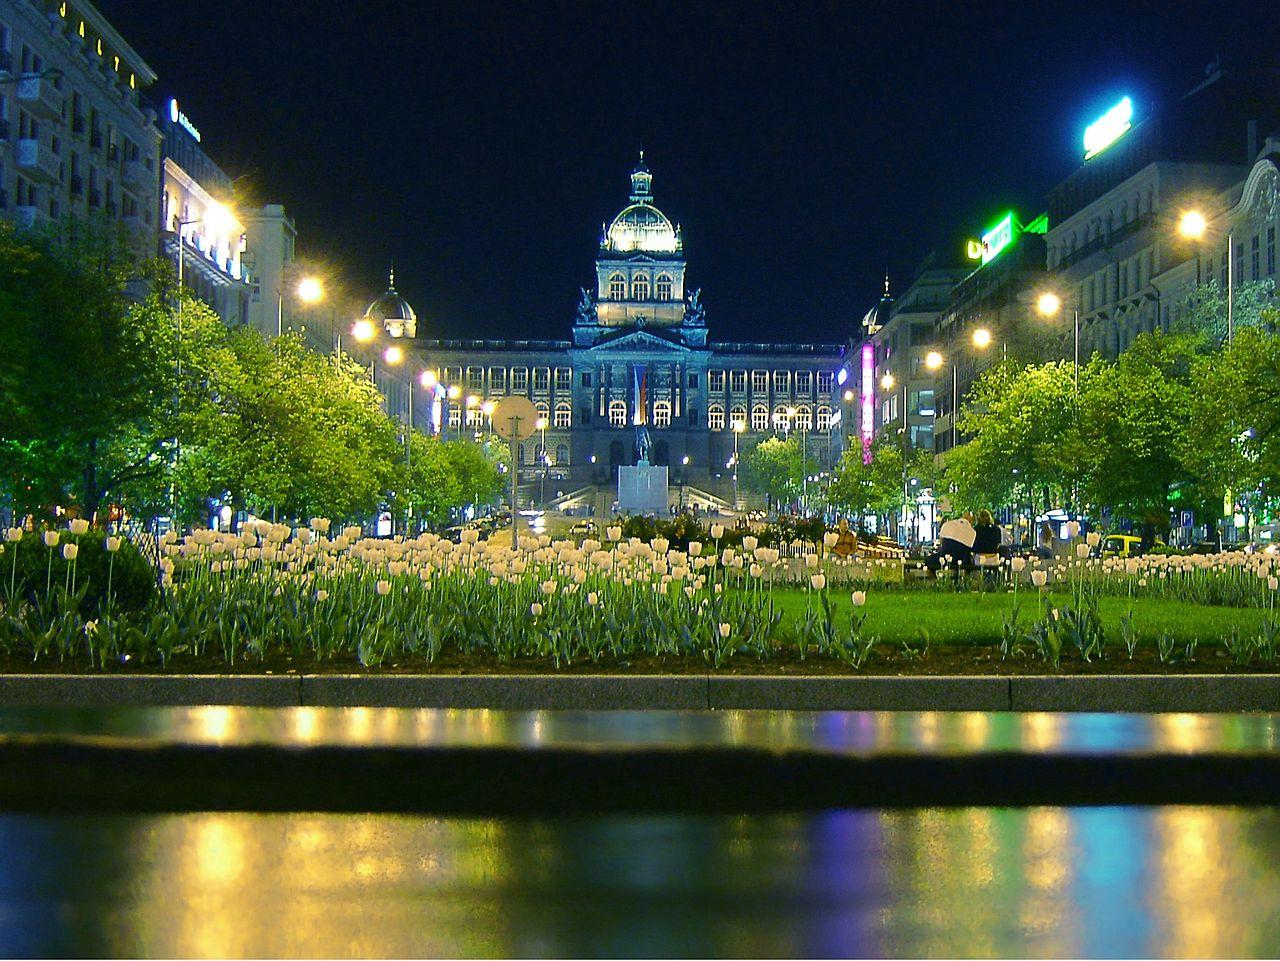 ヴァーツラフ広場と国立博物館